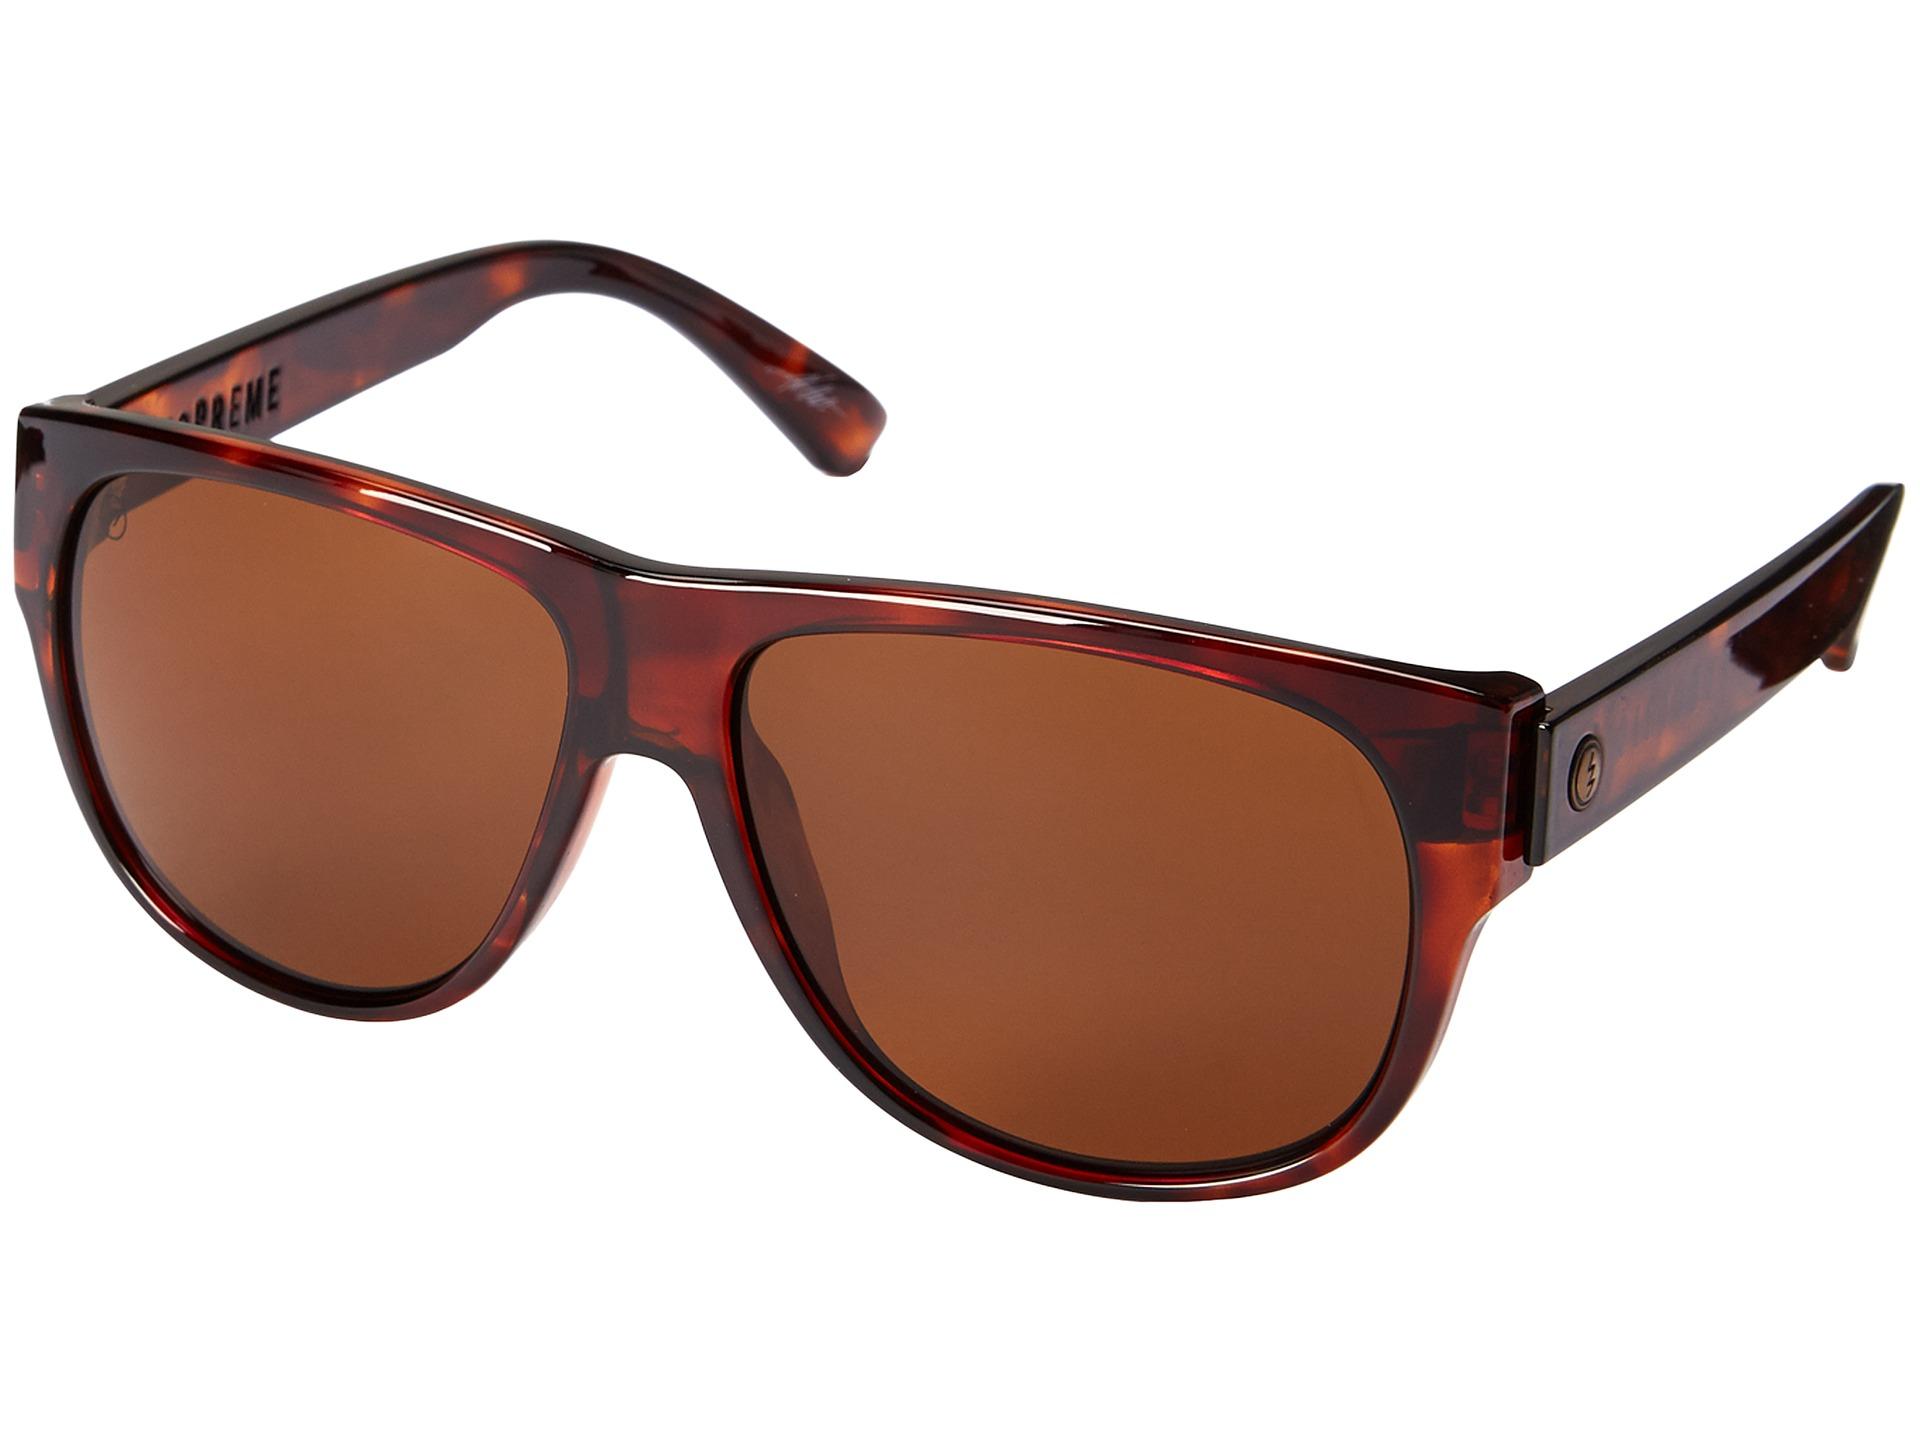 electric eyewear mopreme zappos free shipping both ways